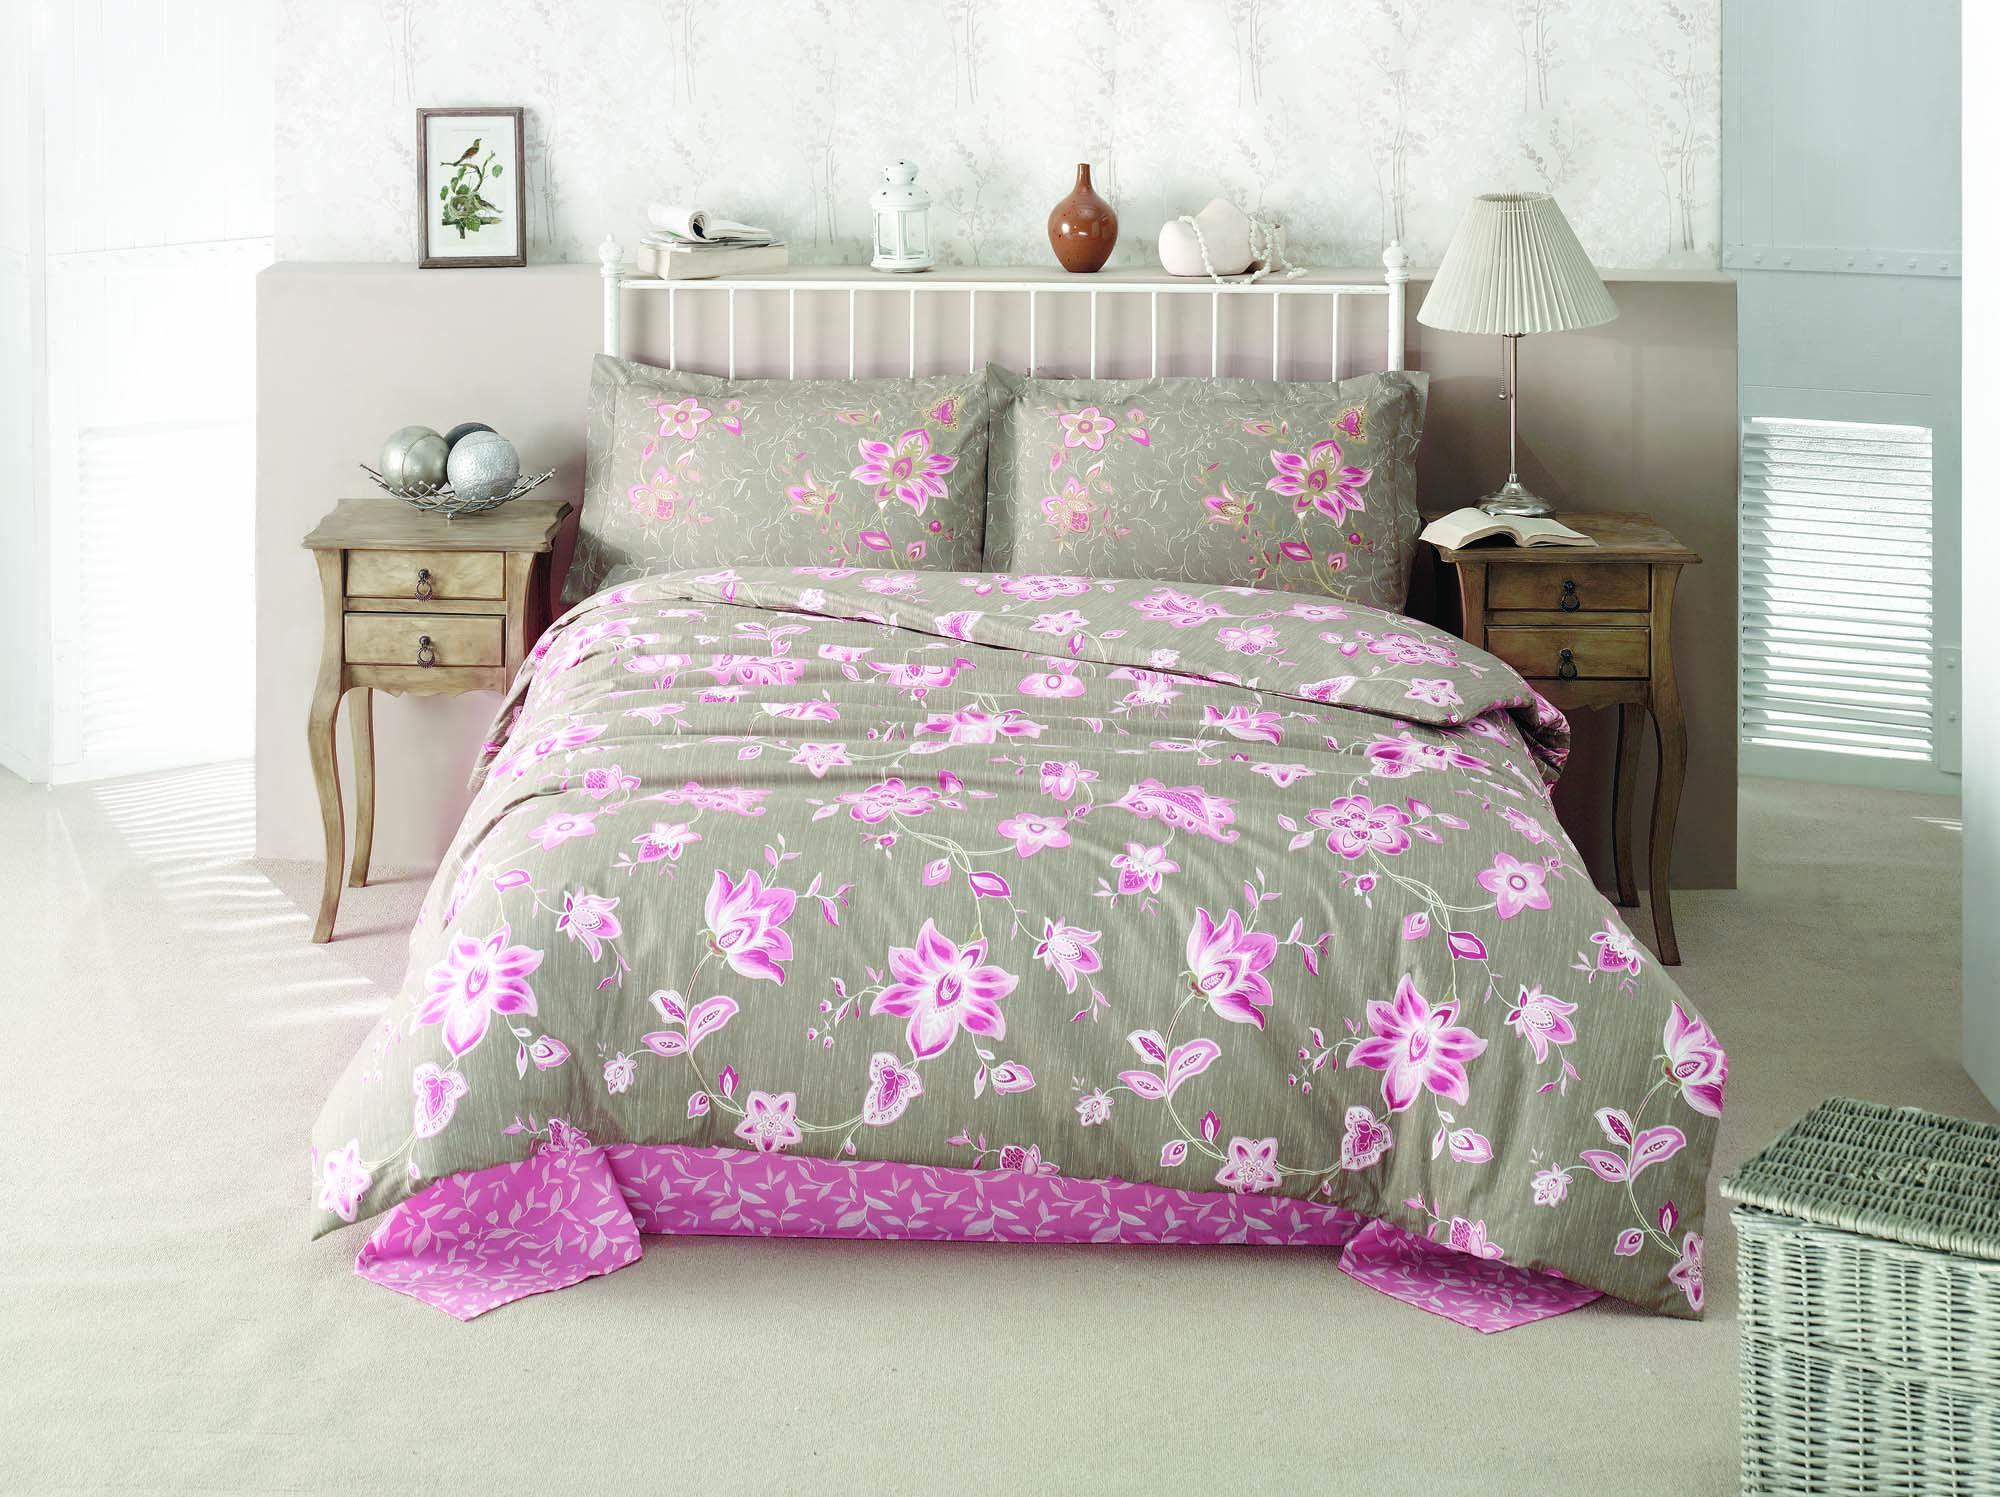 Комплект белья Clasy Belinay, семейный, наволочки 50х70, цвет: розовый, серыйCLP446Комплект постельного белья Clasy Belinay изготовлен в Турции из высококачественного ранфорса на одной из ведущих фабрик.Выбирая постельное белье Clasy Belinay вы будете приятно удивлены качественной выделкой ткани, красивыми и модными расцветками, а так же его отличным качеством. Все наволочки у комплектов Clasy Belinay имеют клапан без пуговиц и молнии. Все пододеяльники с пуговицами.